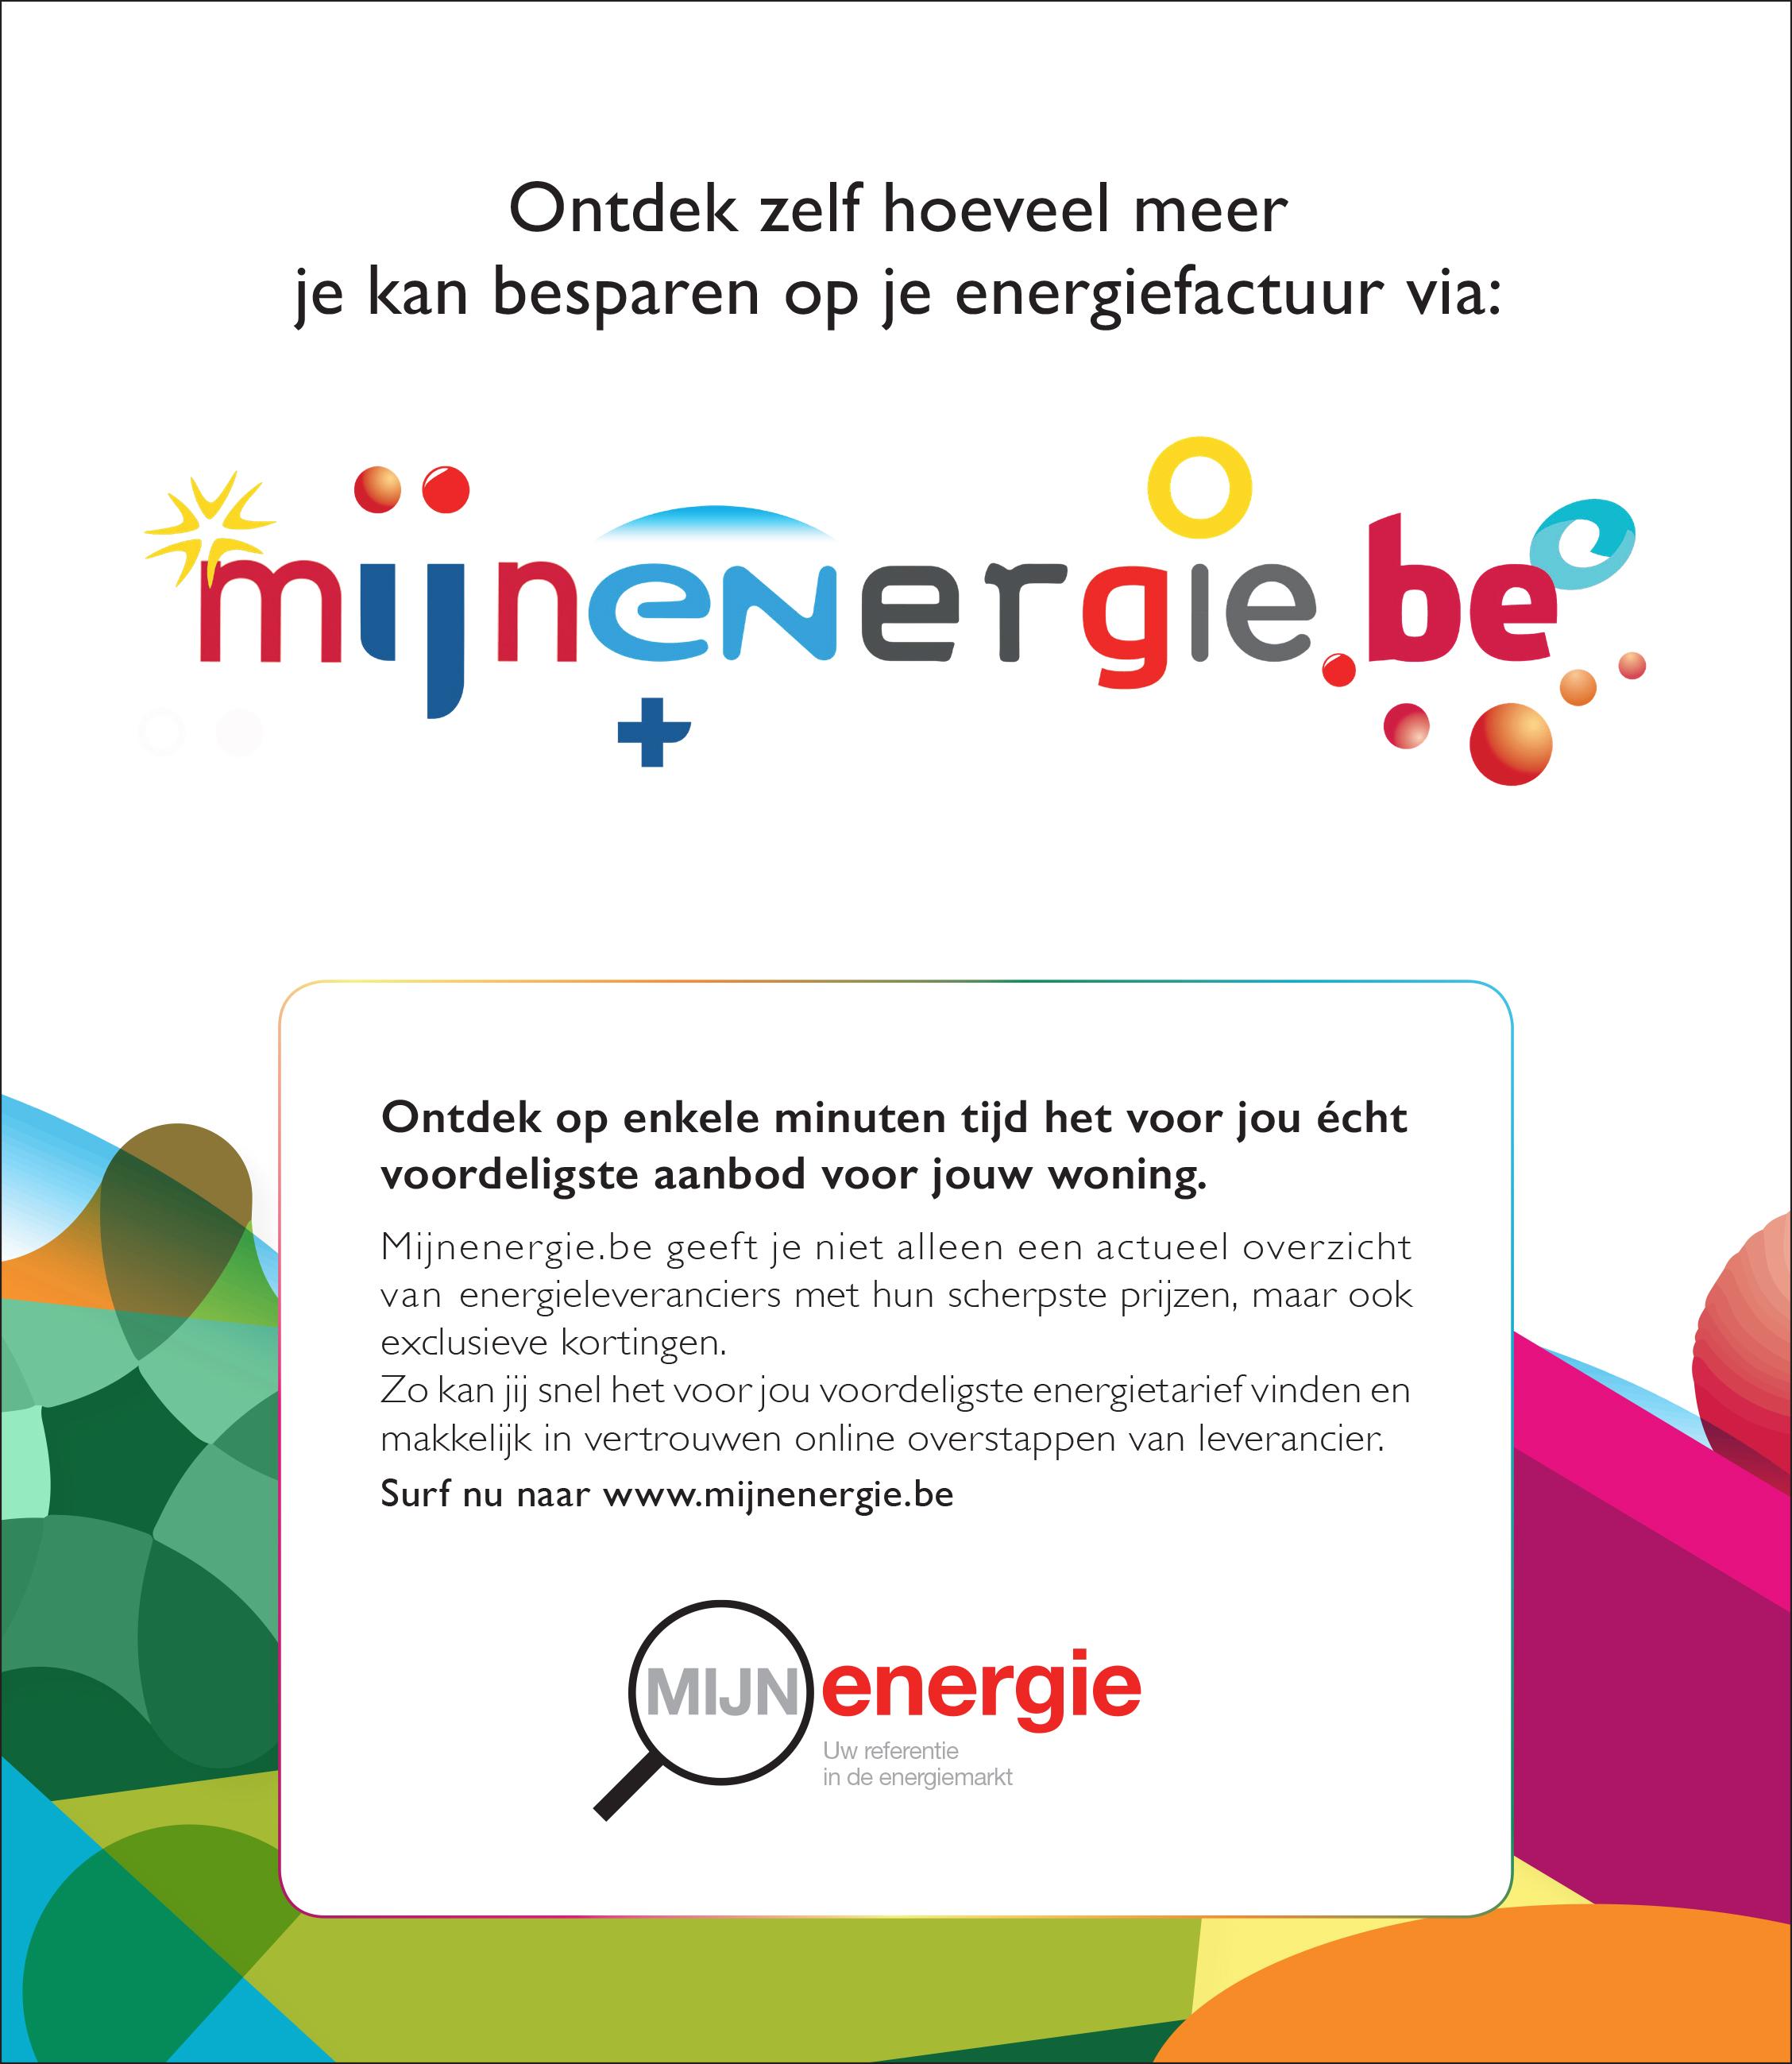 MijnEnergie_HLN_191x220_MAG.jpg